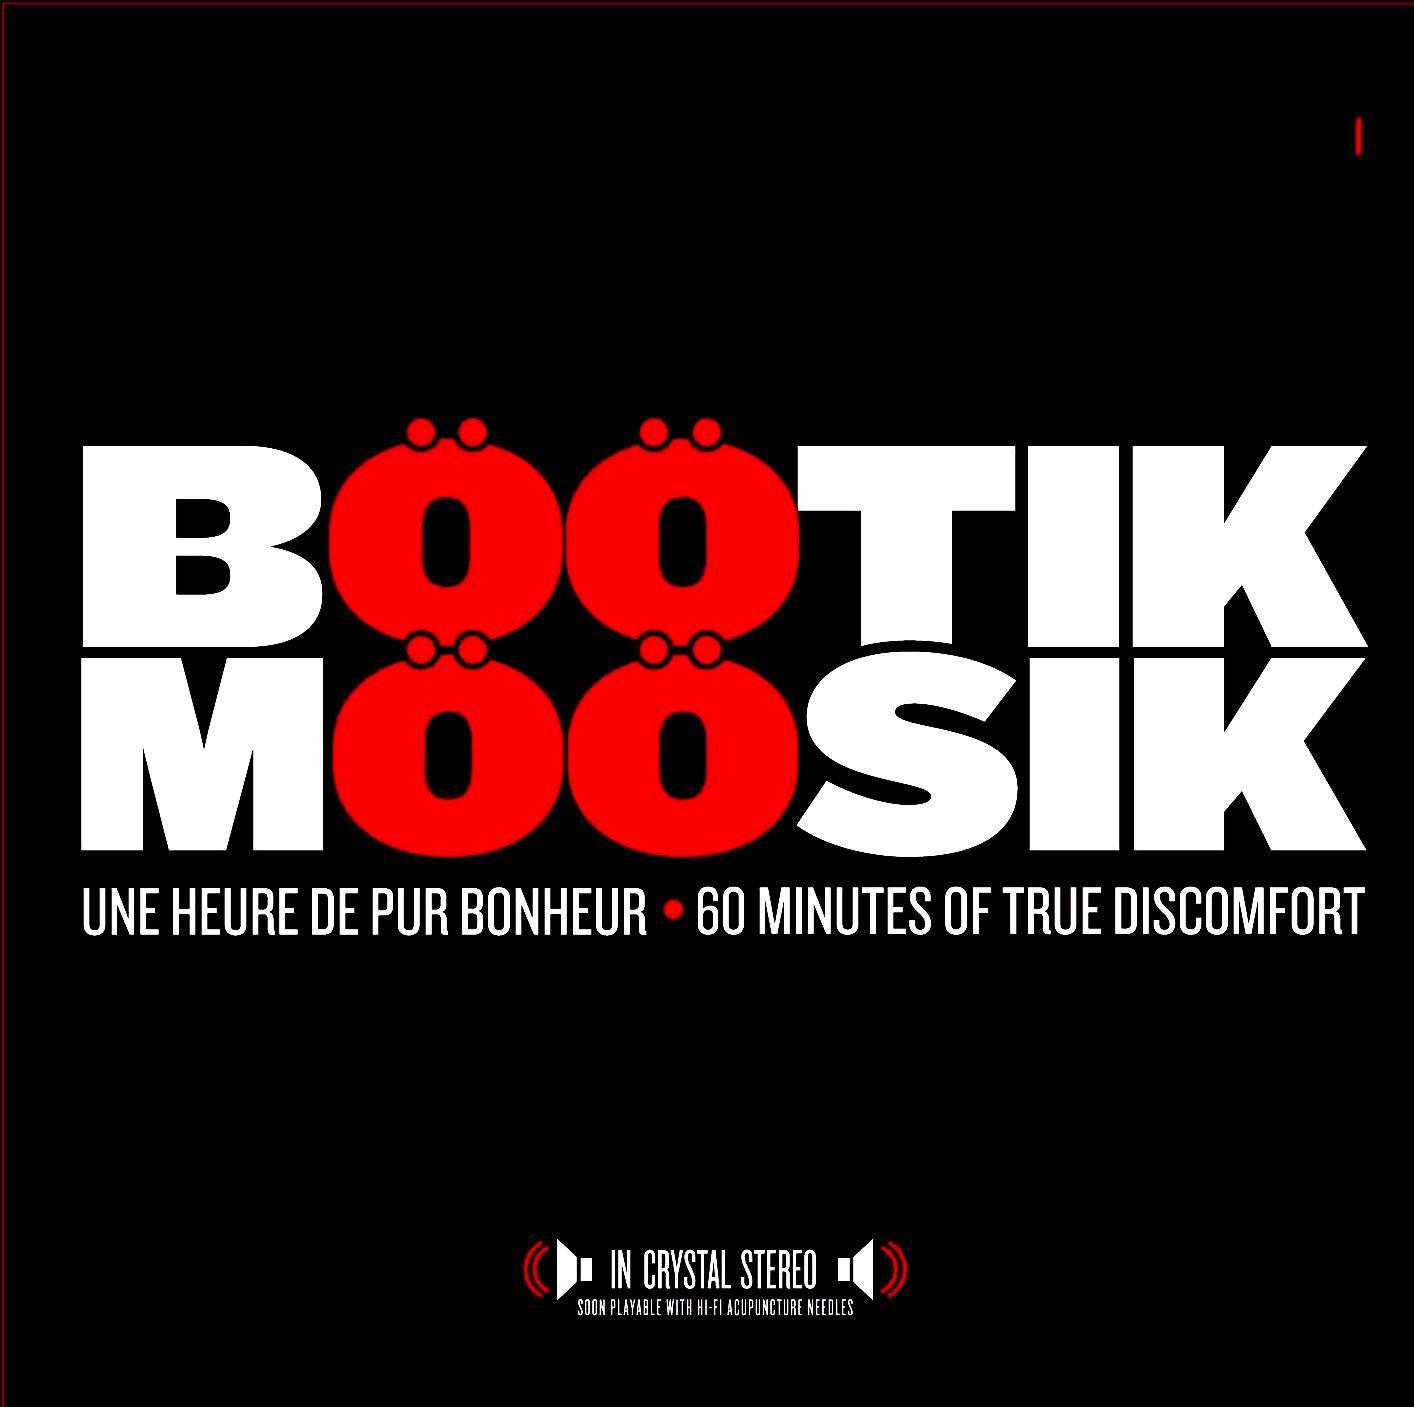 BOOTIK MOOSIK